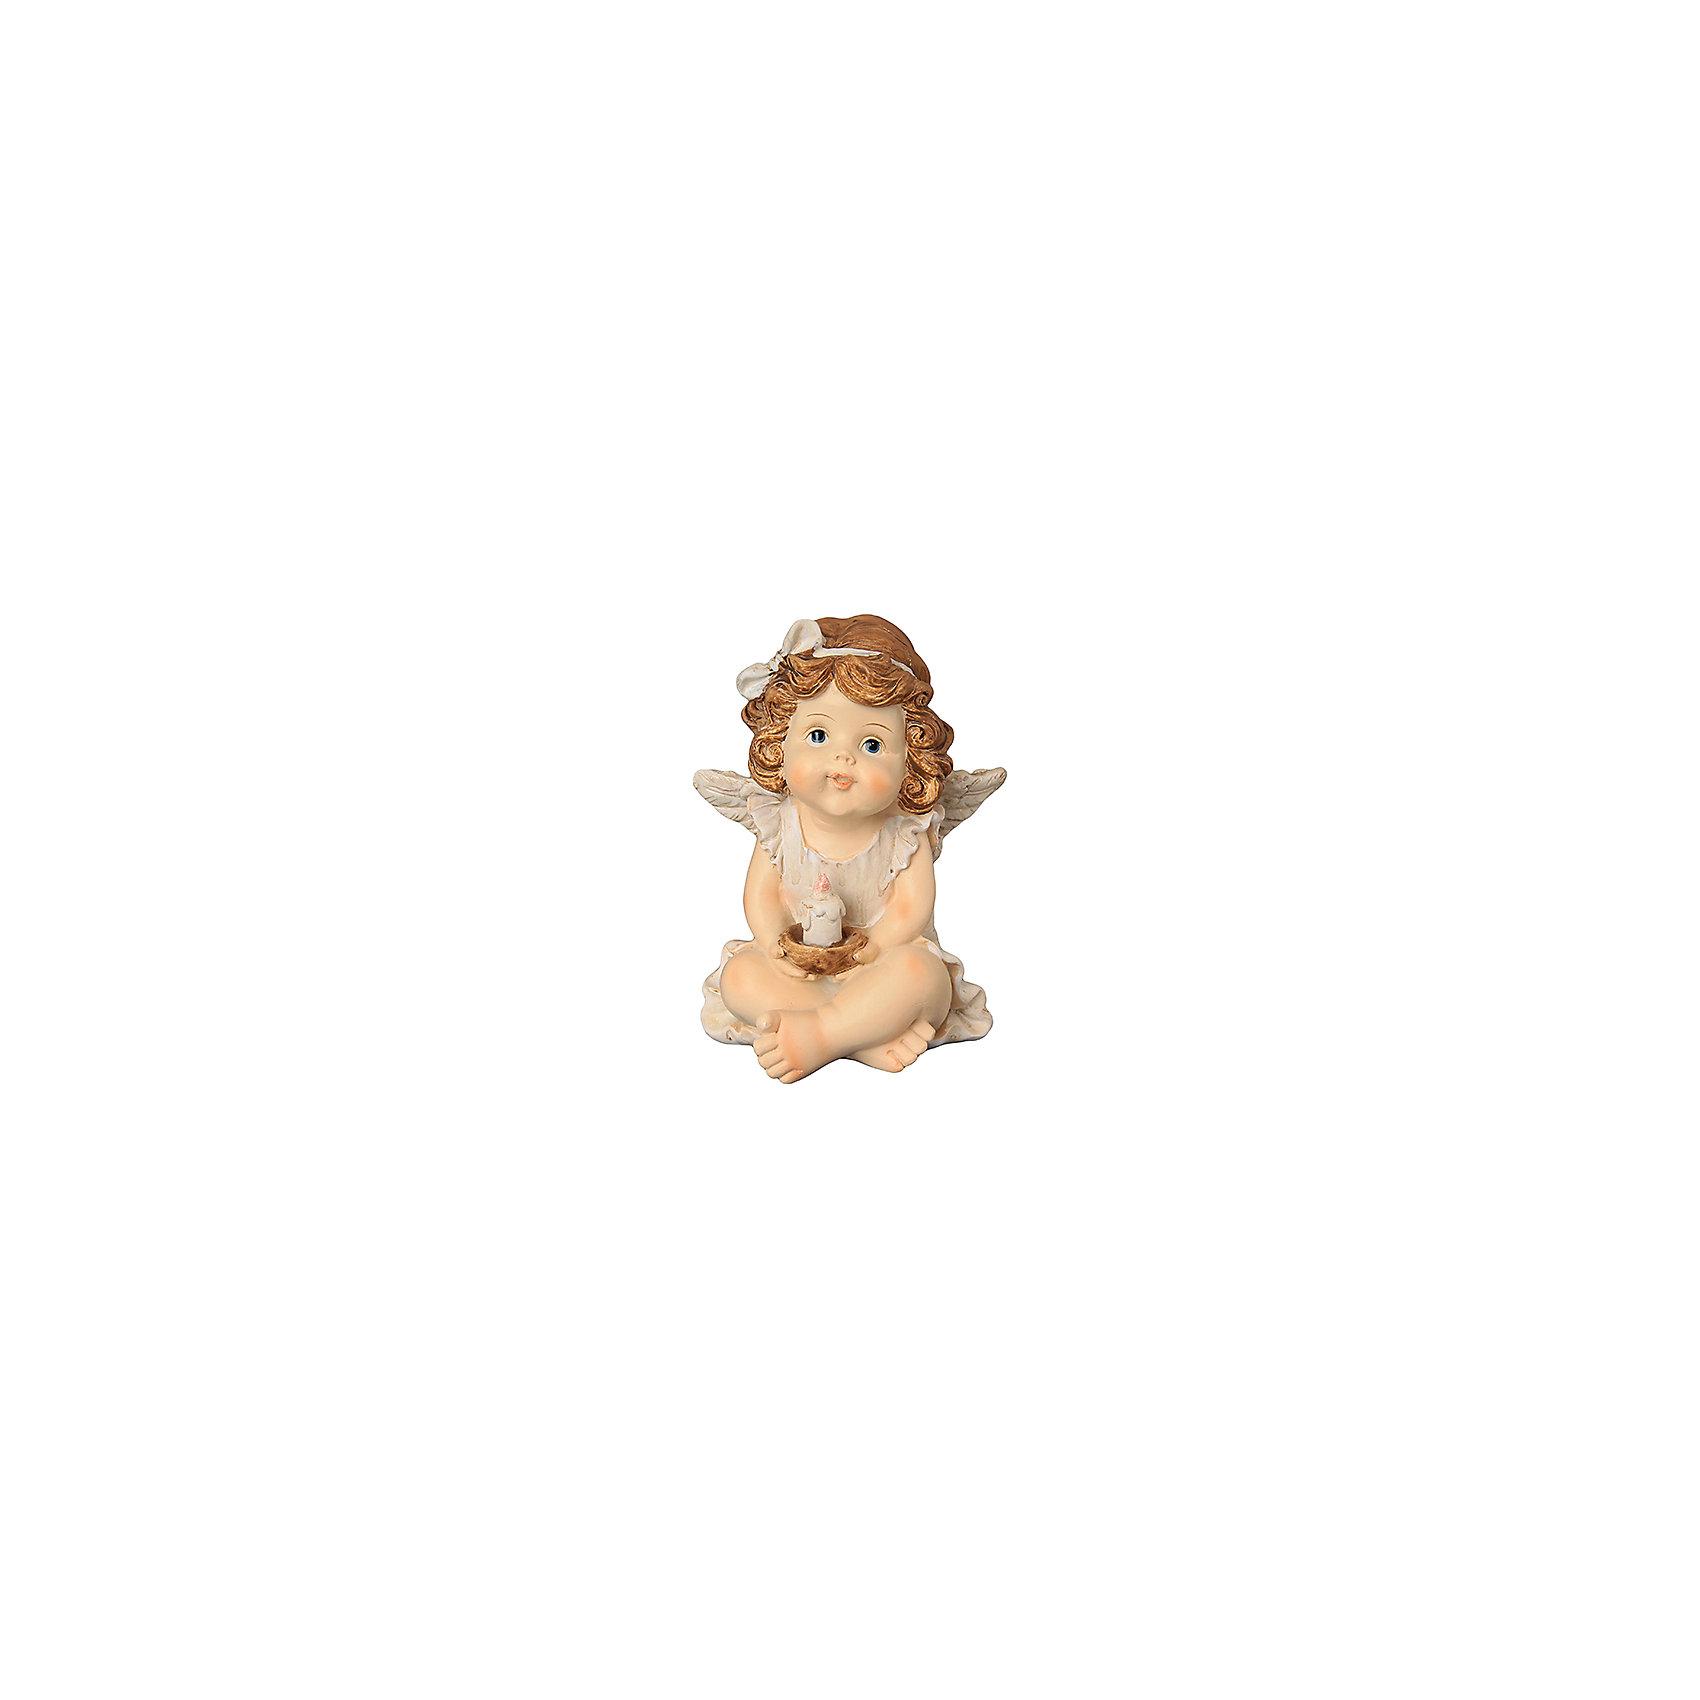 Фигурка декоративная Ангелочек со свечкой, Elan GalleryПредметы интерьера<br>Характеристики товара:<br><br>• цвет: мульти<br>• материал: полистоун<br>• высота: 11 см<br>• вес: 200 г<br>• подходит к любому интерьеру<br>• отлично проработаны детали<br>• универсальный размер<br>• страна бренда: Российская Федерация<br>• страна производства: Китай<br><br>Такая декоративная фигурка - отличный пример красивой вещи для любого интерьера. Благодаря универсальному дизайну и расцветке она хорошо будет смотреться в помещении.<br><br>Декоративная фигурка может стать отличным приобретением для дома или подарком для любителей симпатичных вещей, украшающих пространство.<br><br>Бренд Elan Gallery - это красивые и практичные товары для дома с современным дизайном. Они добавляют в жильё уюта и комфорта! <br><br>Фигурку декоративную Ангелочек со свечкой, Elan Gallery можно купить в нашем интернет-магазине.<br><br>Ширина мм: 88<br>Глубина мм: 76<br>Высота мм: 112<br>Вес г: 192<br>Возраст от месяцев: 0<br>Возраст до месяцев: 1188<br>Пол: Унисекс<br>Возраст: Детский<br>SKU: 6668942